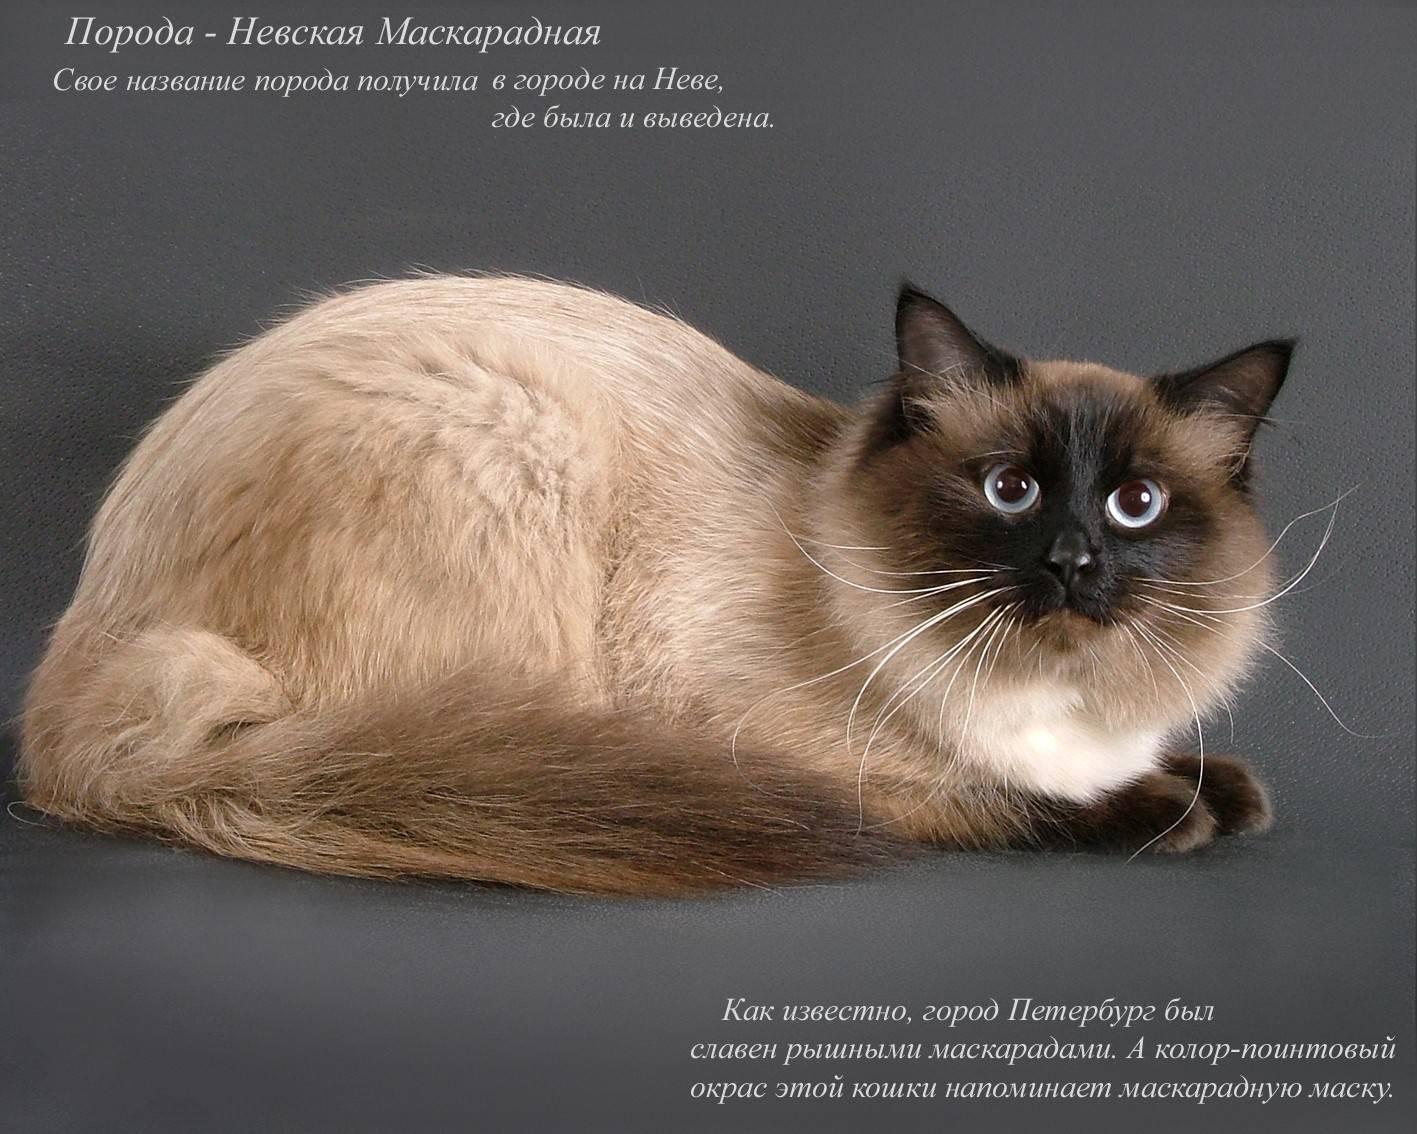 Редкие породы кошек: карельский бобтейл, калифорнийская сияющая кошка и другие